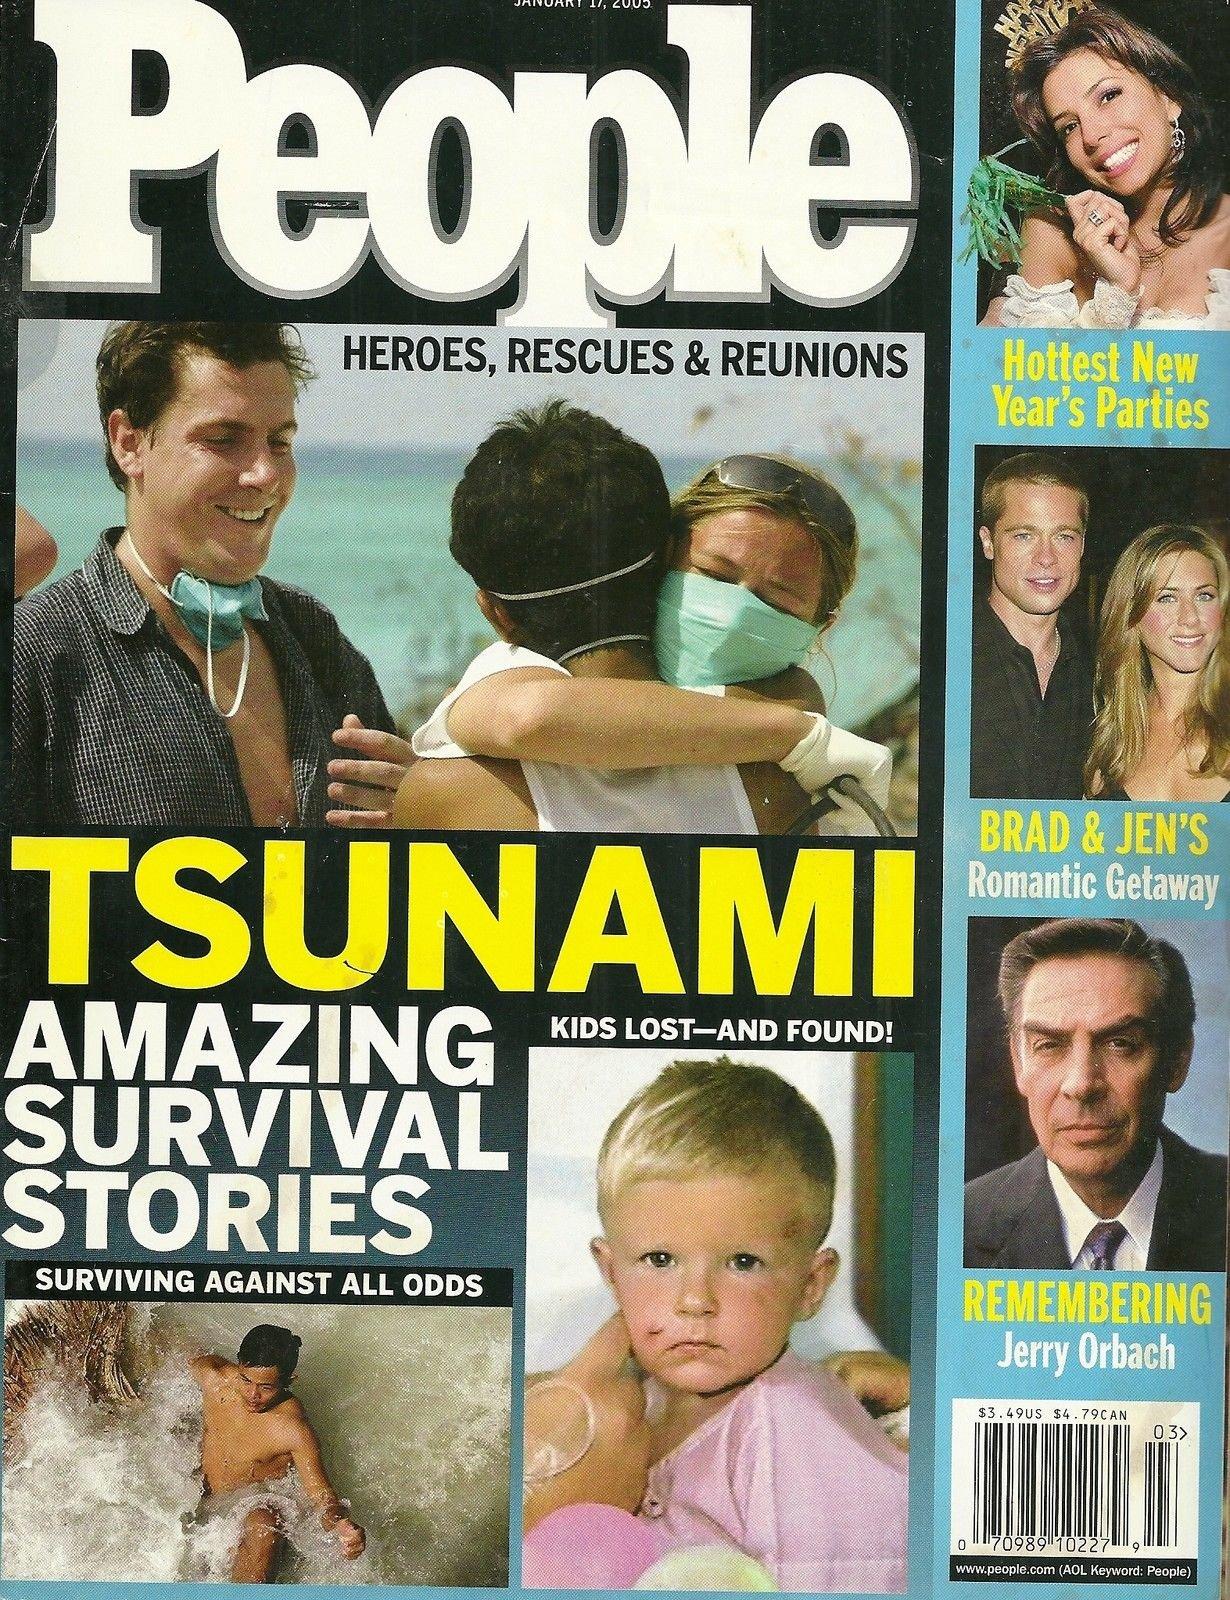 Asian Tsunami, Jerry Orbach, Brad Pitt and Jennifer Aniston